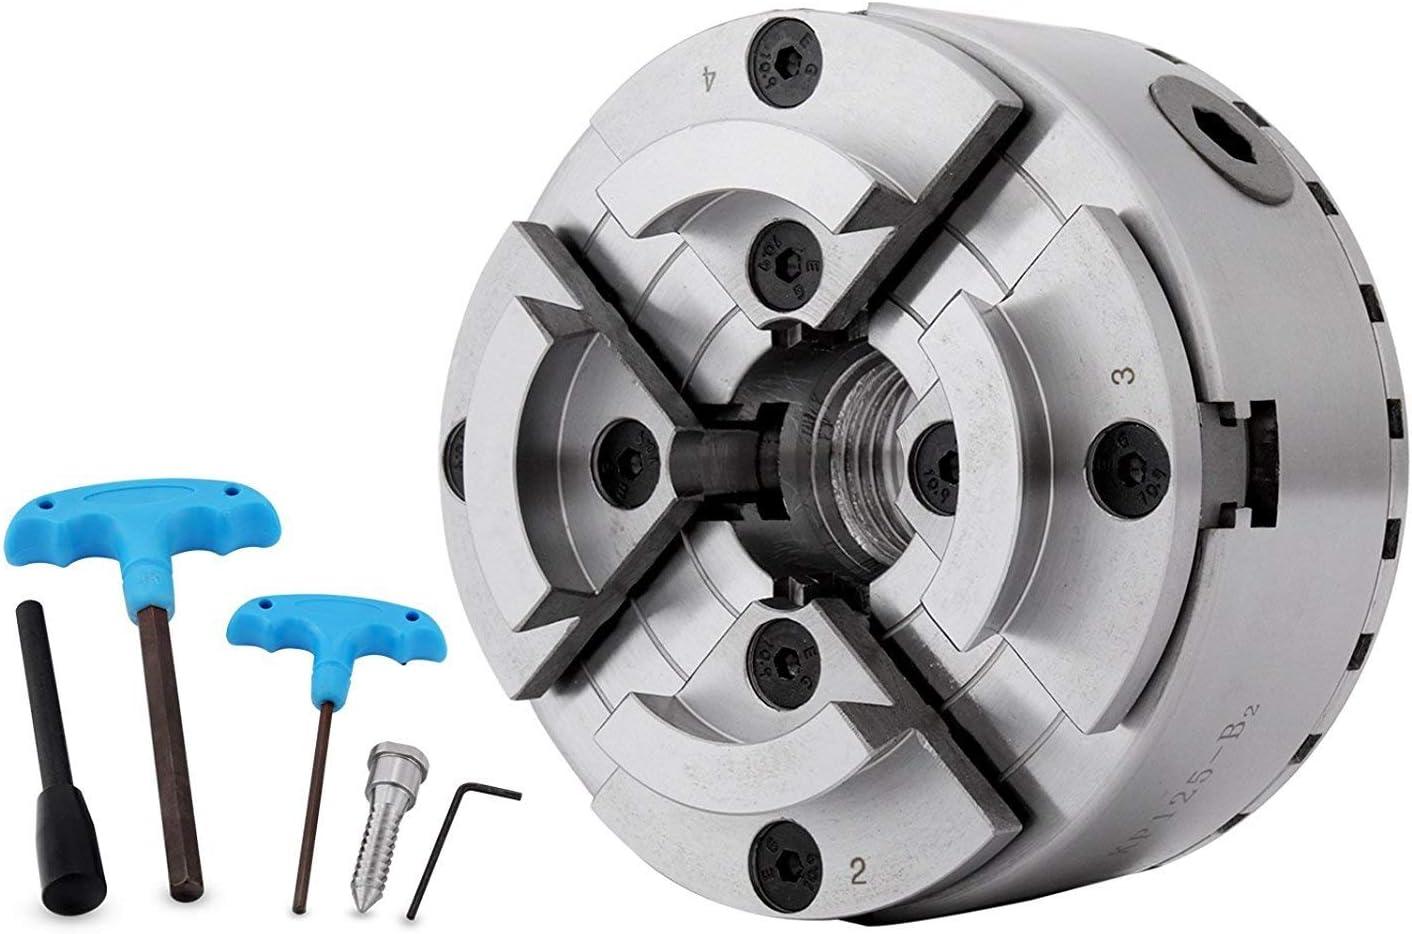 Mophorn 2500 RPM Plato de 4 Garras para Tornos de Metal 125 mm Mandril de Mordaza para Torno con Rosca M33 Torno Chuck para Carpintería